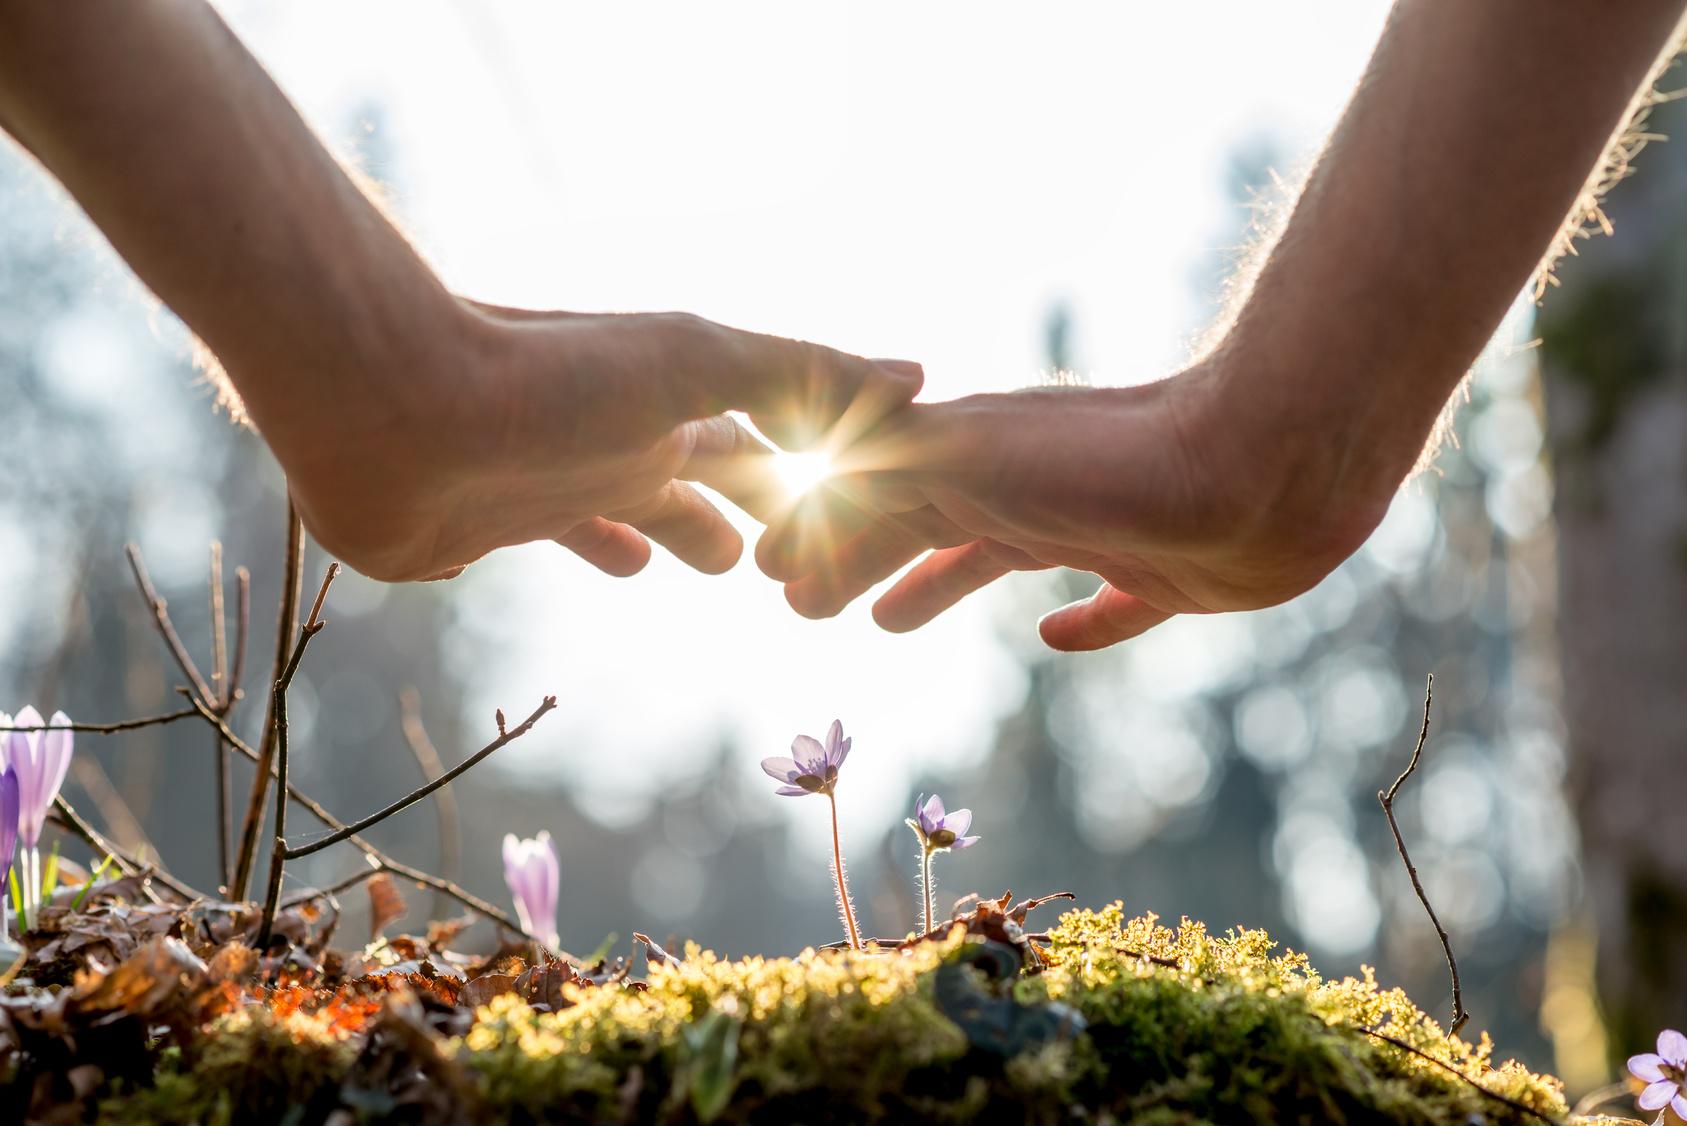 Ayurveda Behandlung und Therapie in Bad Zurzach. Energietreffpunkt für Harmonie - Körper, Geist & Seele in Einklang bringen und die Selbstheilungskräfte aktivieren